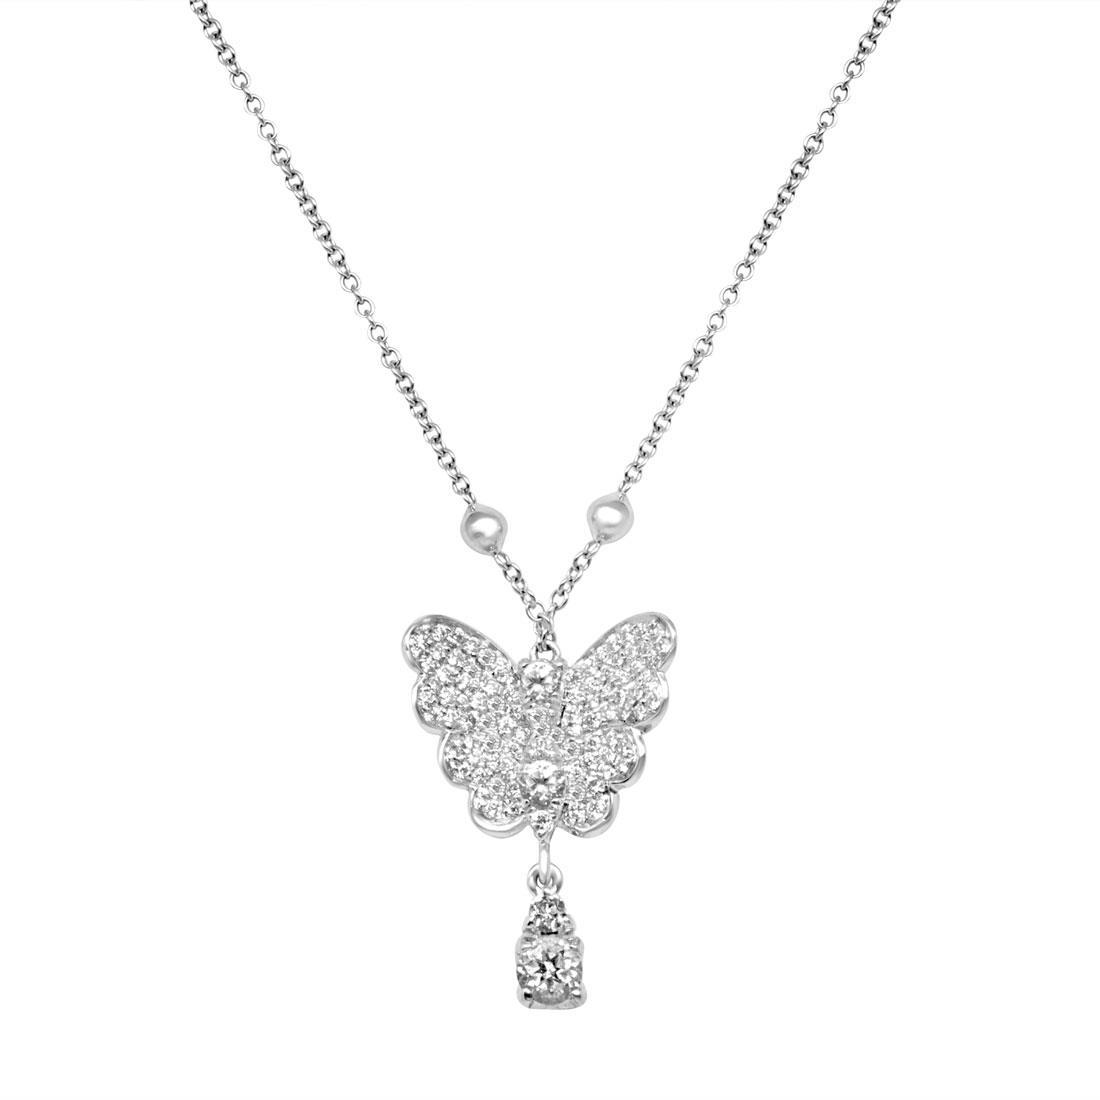 Collana in oro bianco con diamanti - PASQUALE BRUNI